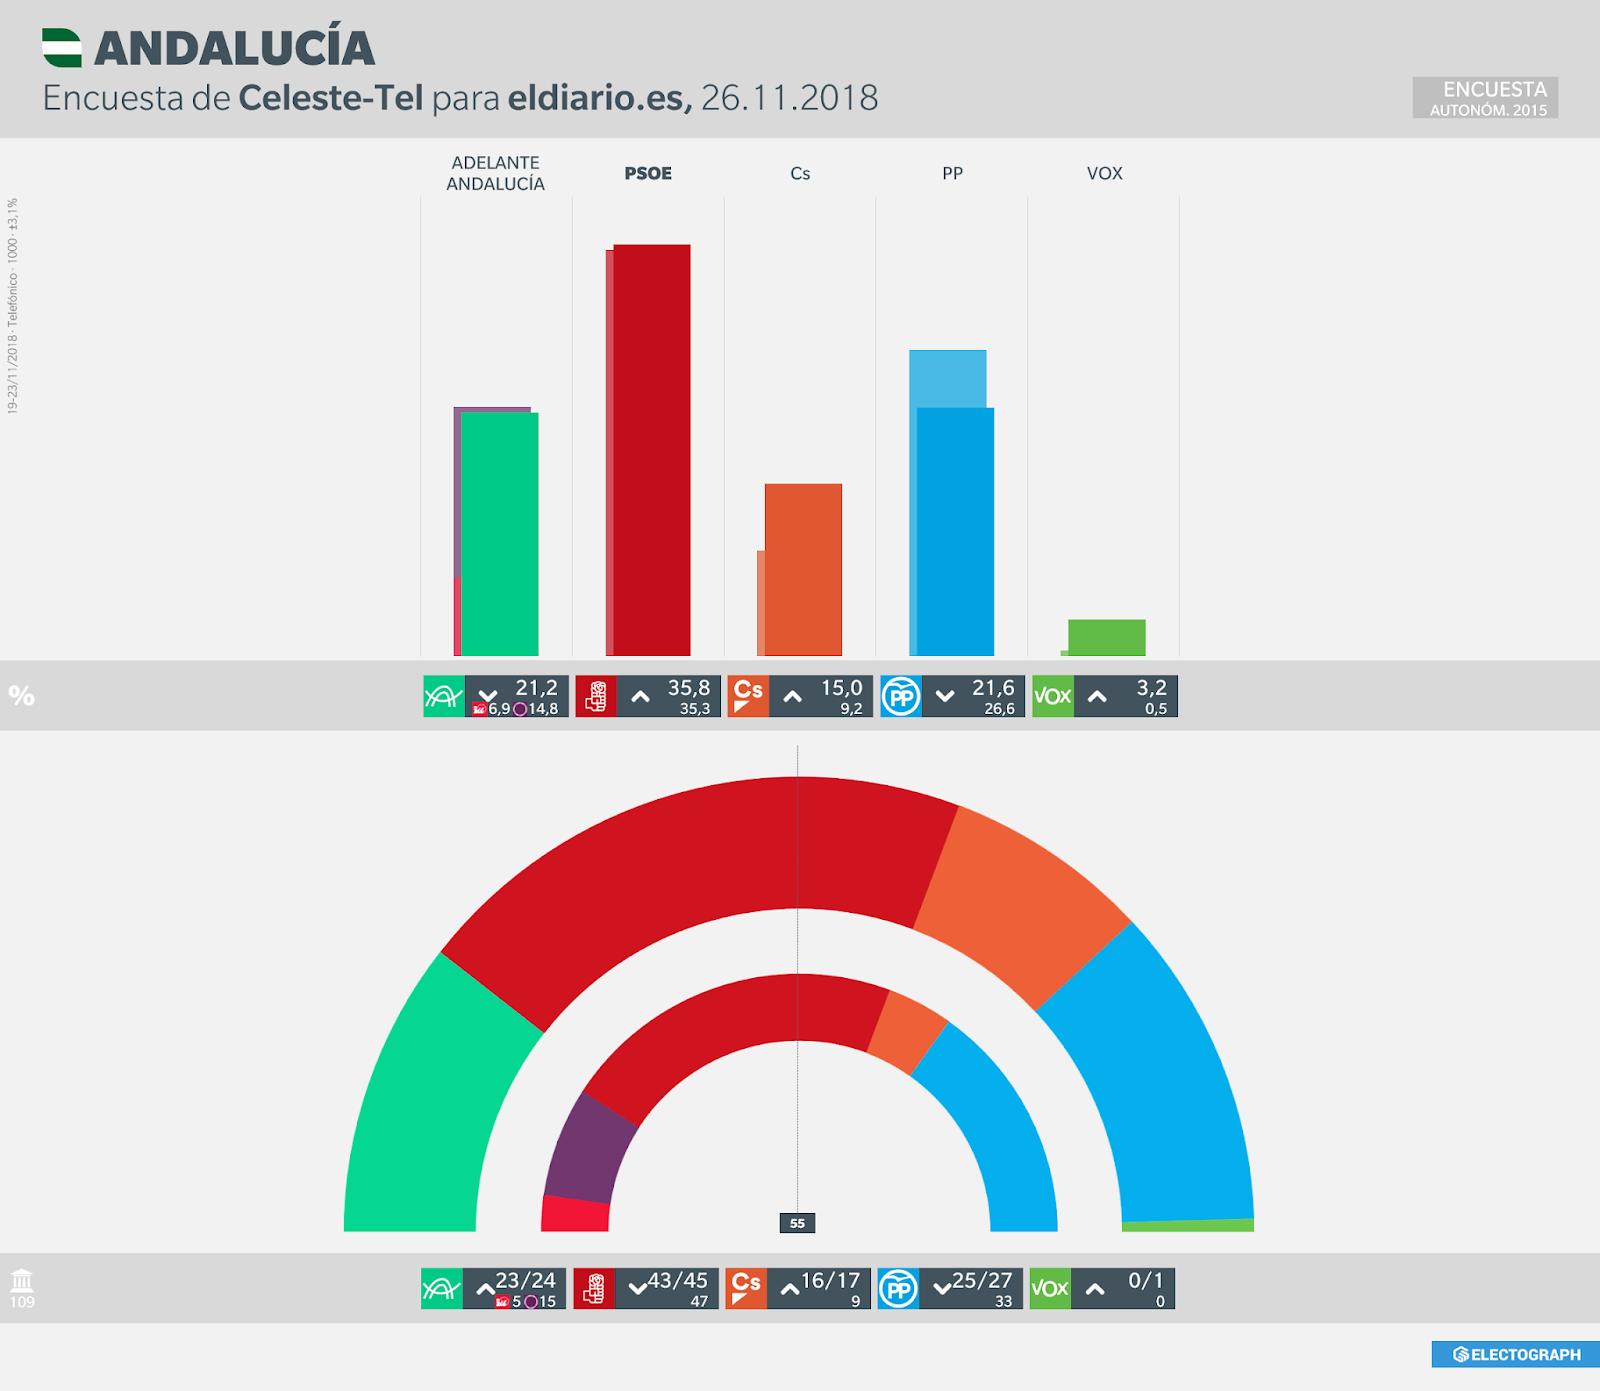 Gráfico de la encuesta para elecciones autonómicas en Andalucía realizada por Celeste-Tel para eldiario.es en noviembre de 2018